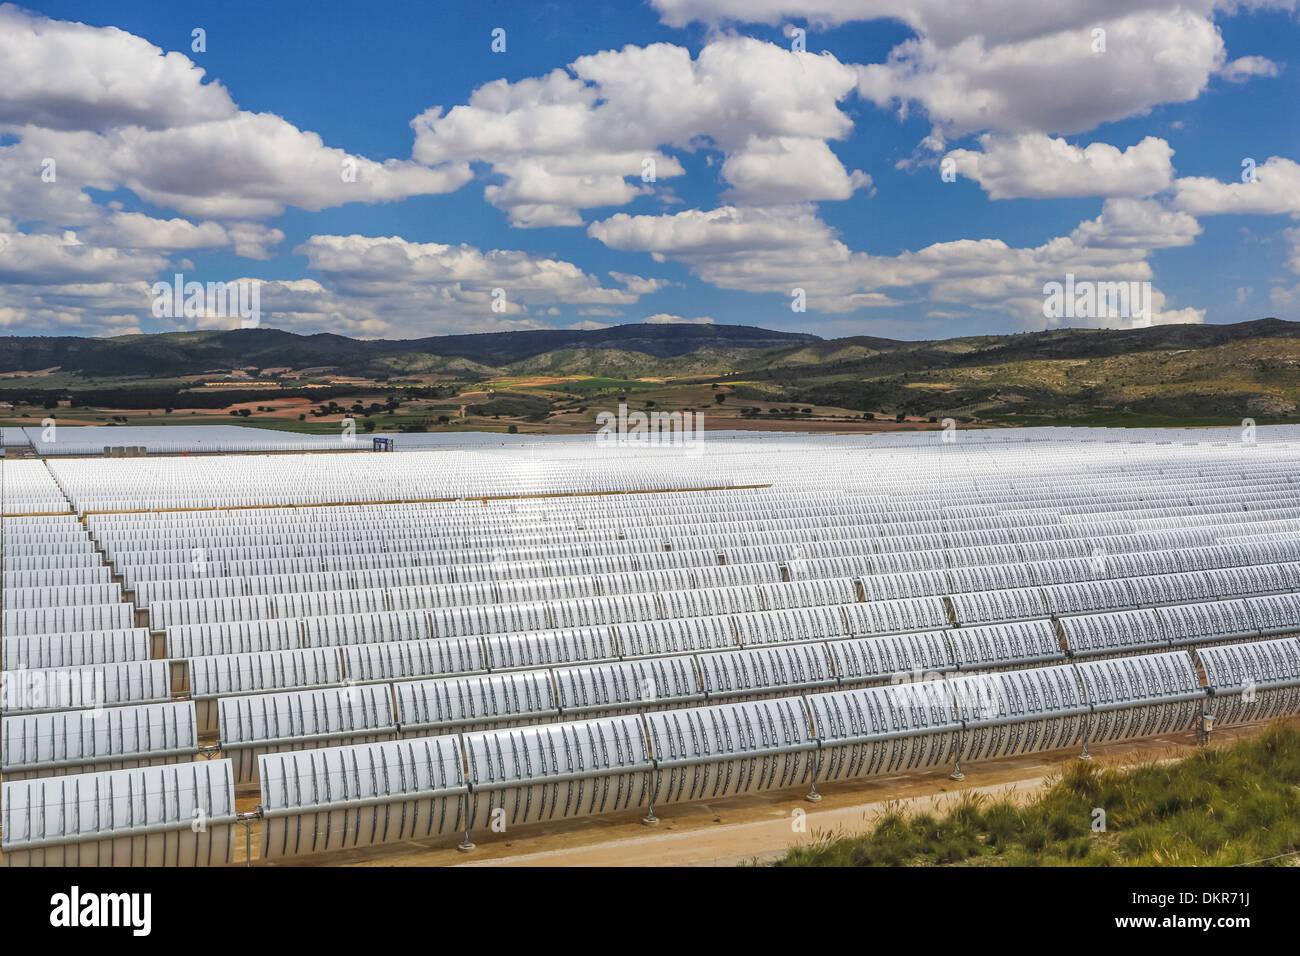 Europa España Murcia provincia energía solar grandes nubes de desarrollo de negocios de la industria de energía solar del paisaje blanco de Sun Imagen De Stock